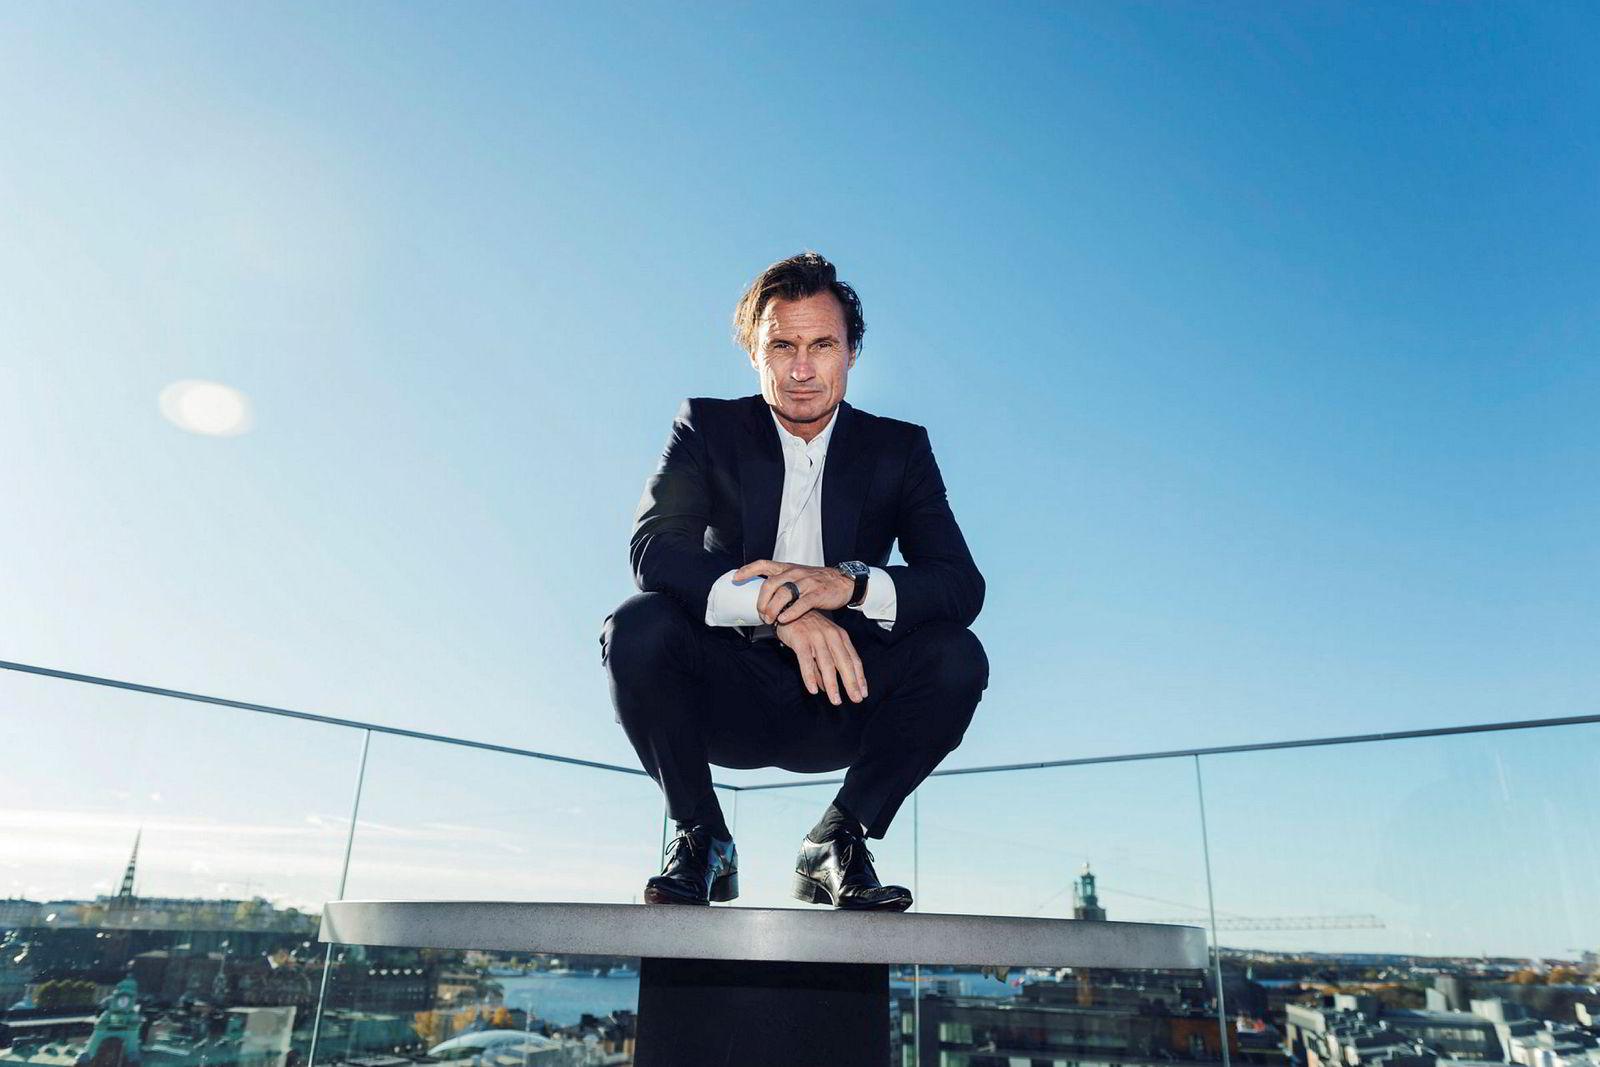 Petter A. Stordalens hotellkjede tapte 330 millioner kroner på hotelldriften i Stavanger fra 2015 til 2018. Men etter tap på ytterligere rundt 40 millioner i år, tror kjeden på sorte tall igjen i 2020.